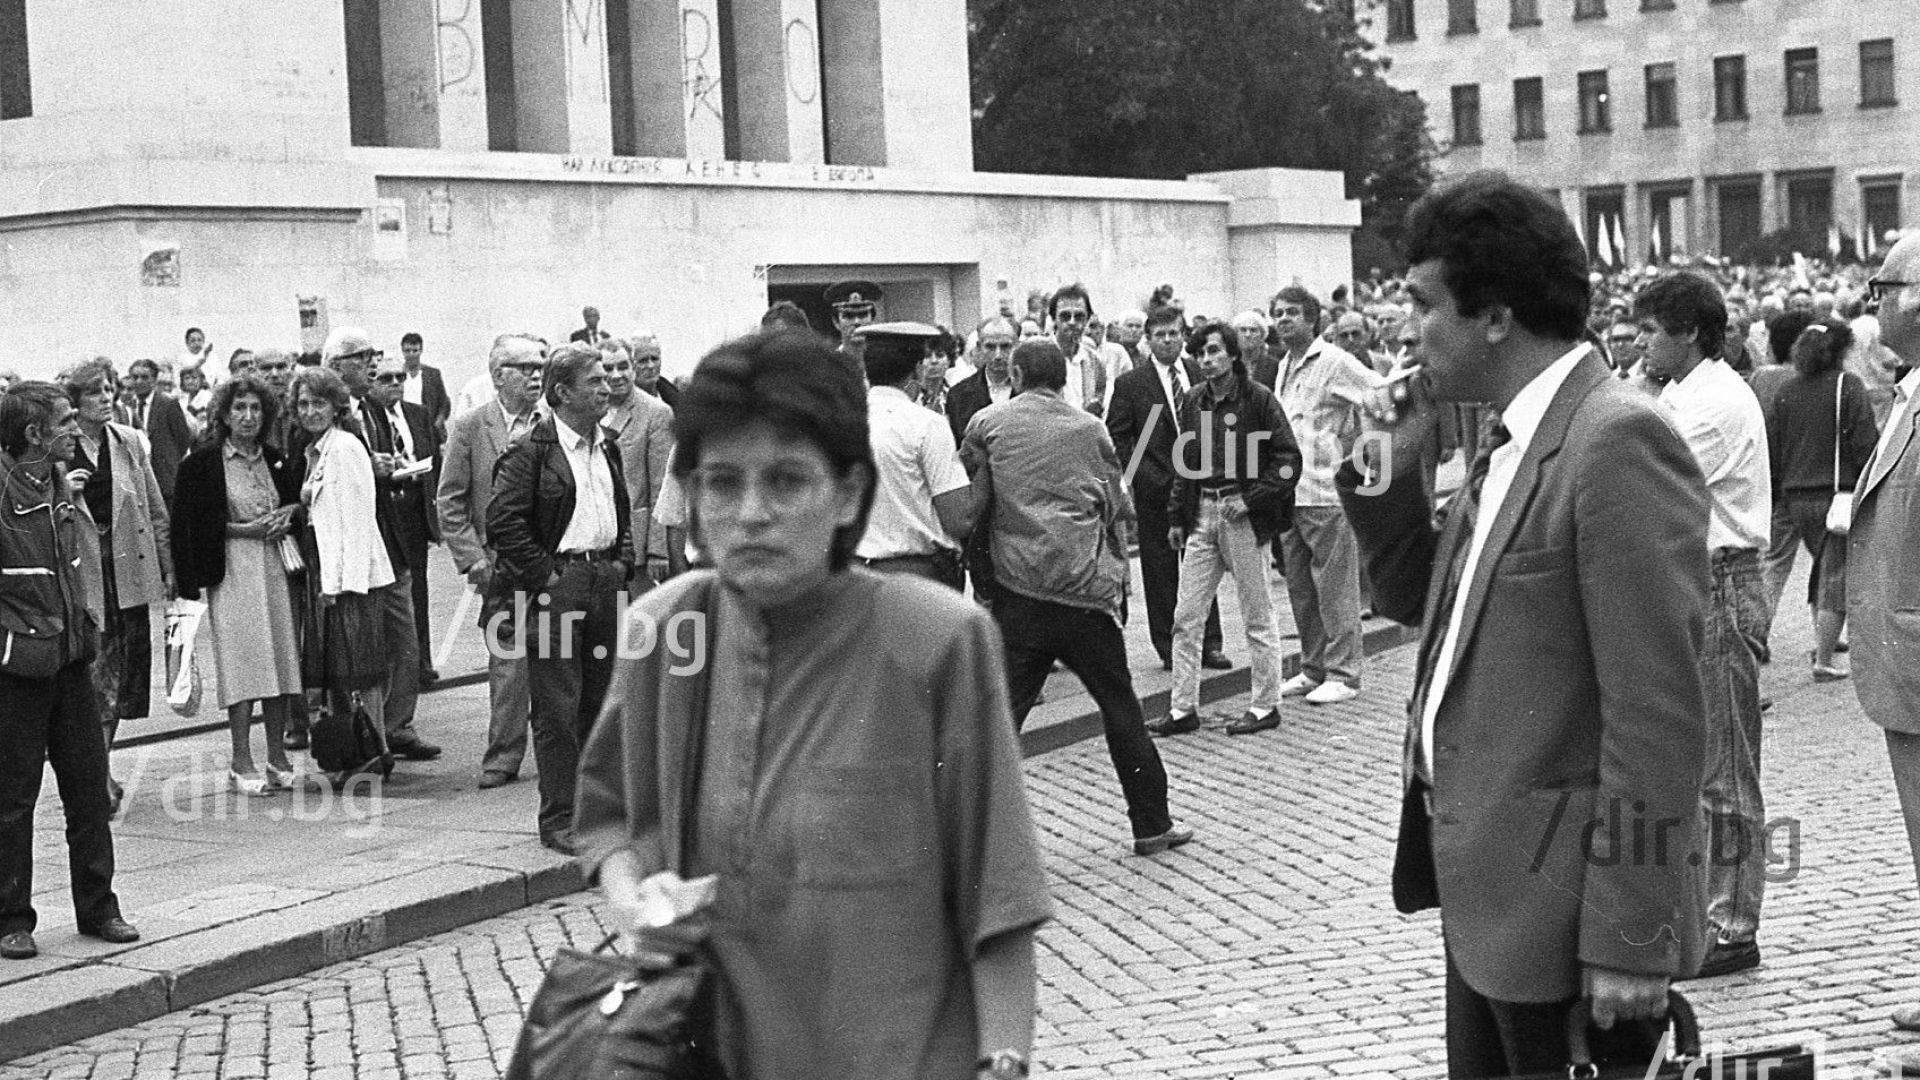 17.09. 1991 г. - Предизборен митинг на БСП, има задържани от контрапротеста